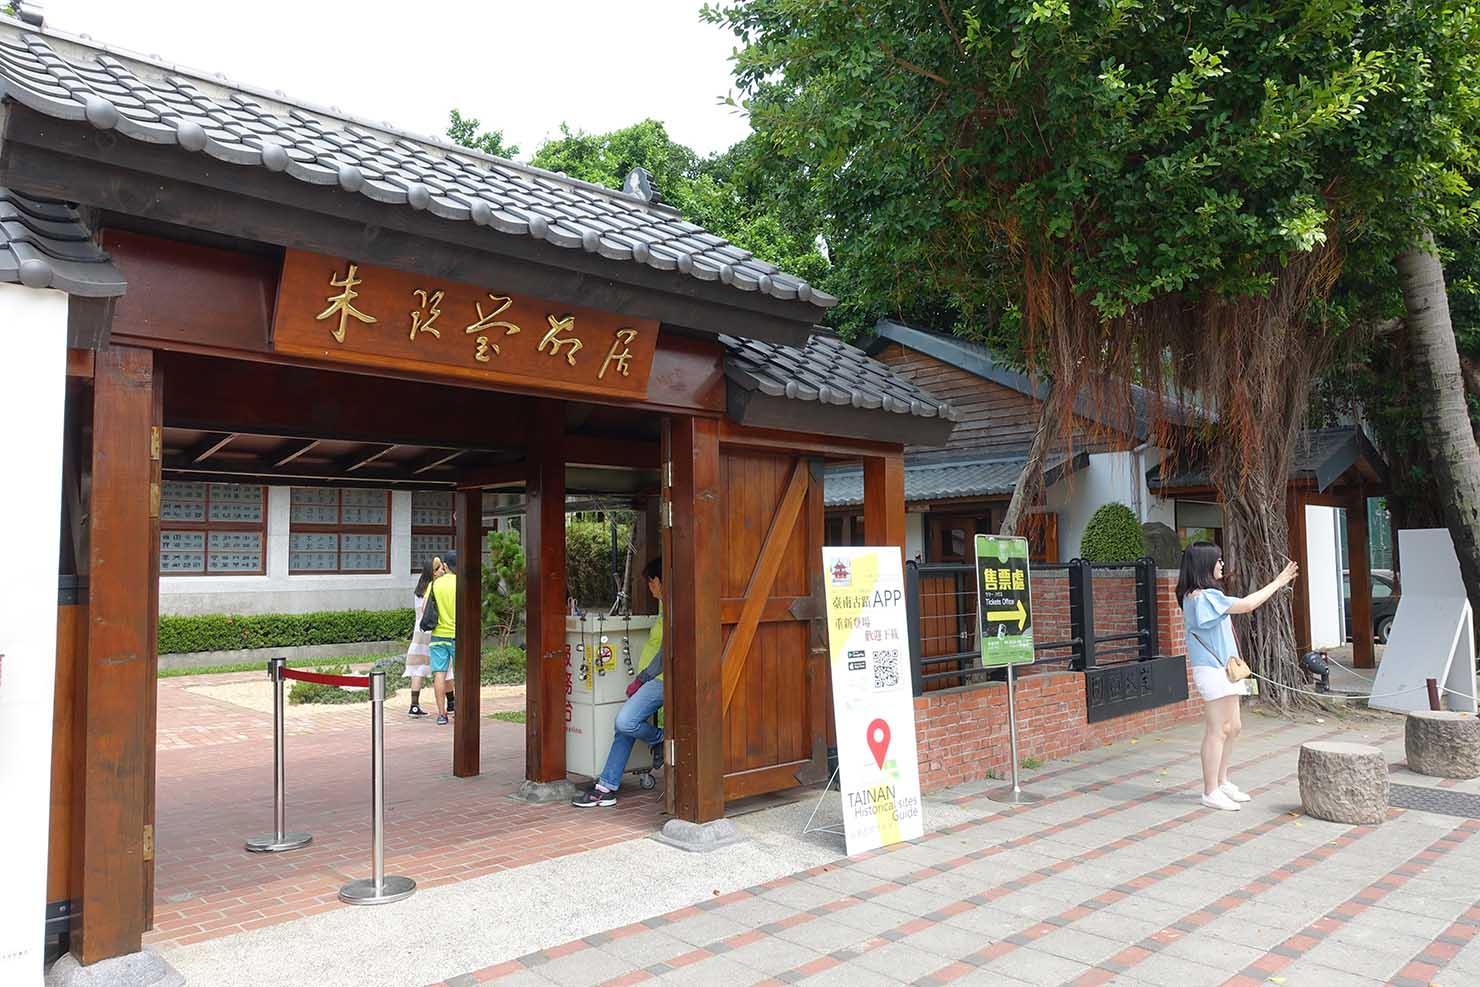 台湾の古都・台南のおすすめ観光スポット「安平樹屋」のエントランス